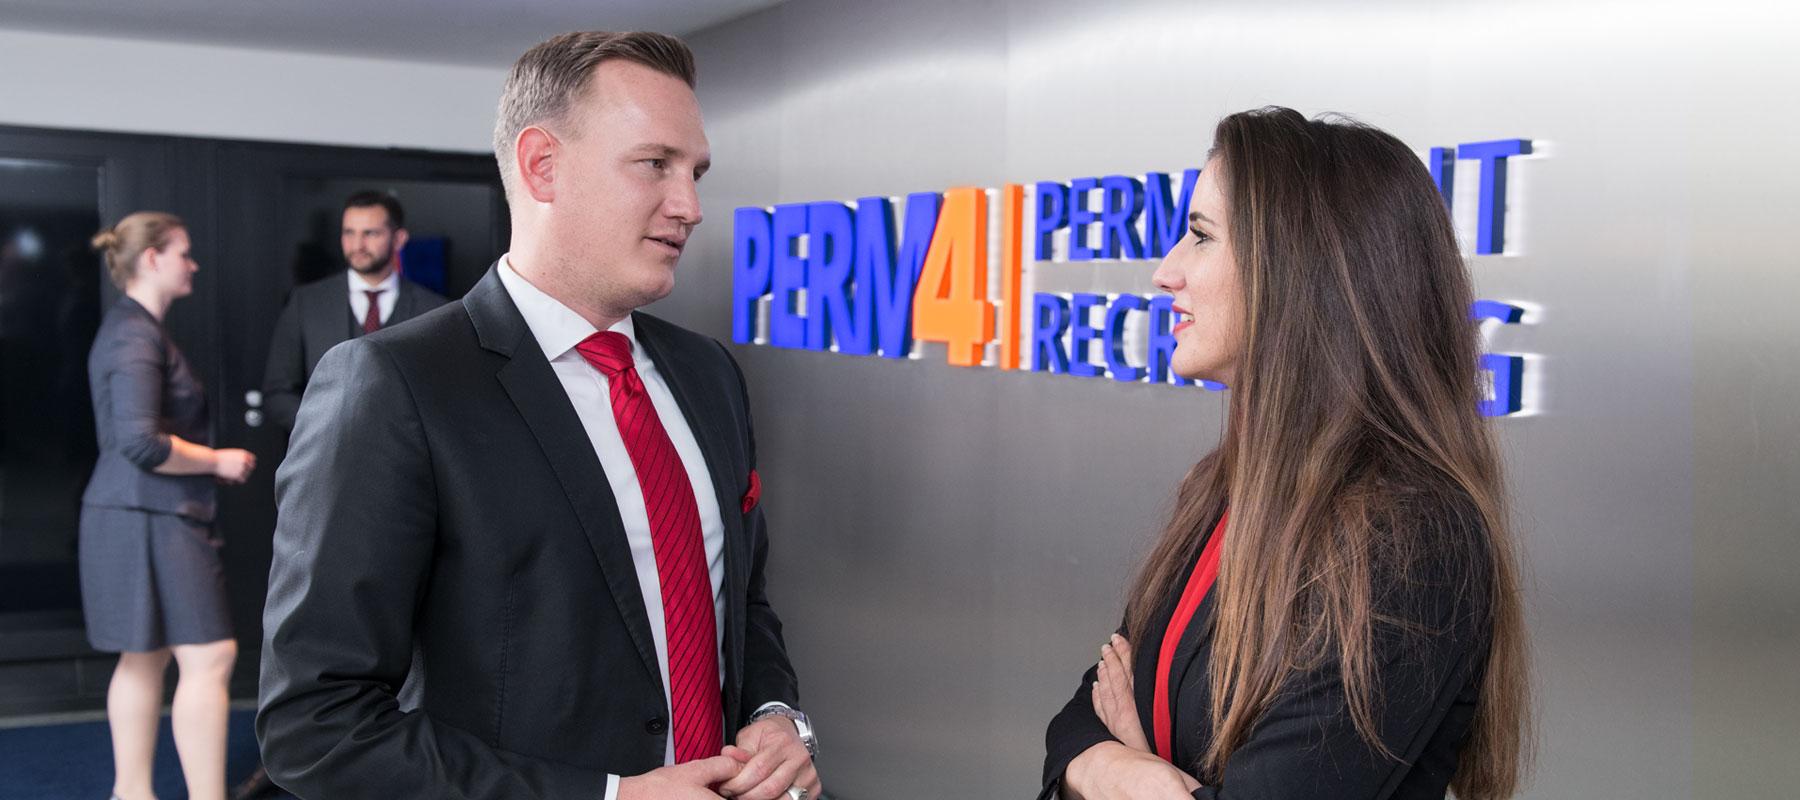 Das Unternehmen PERM4   stellt sich vor.